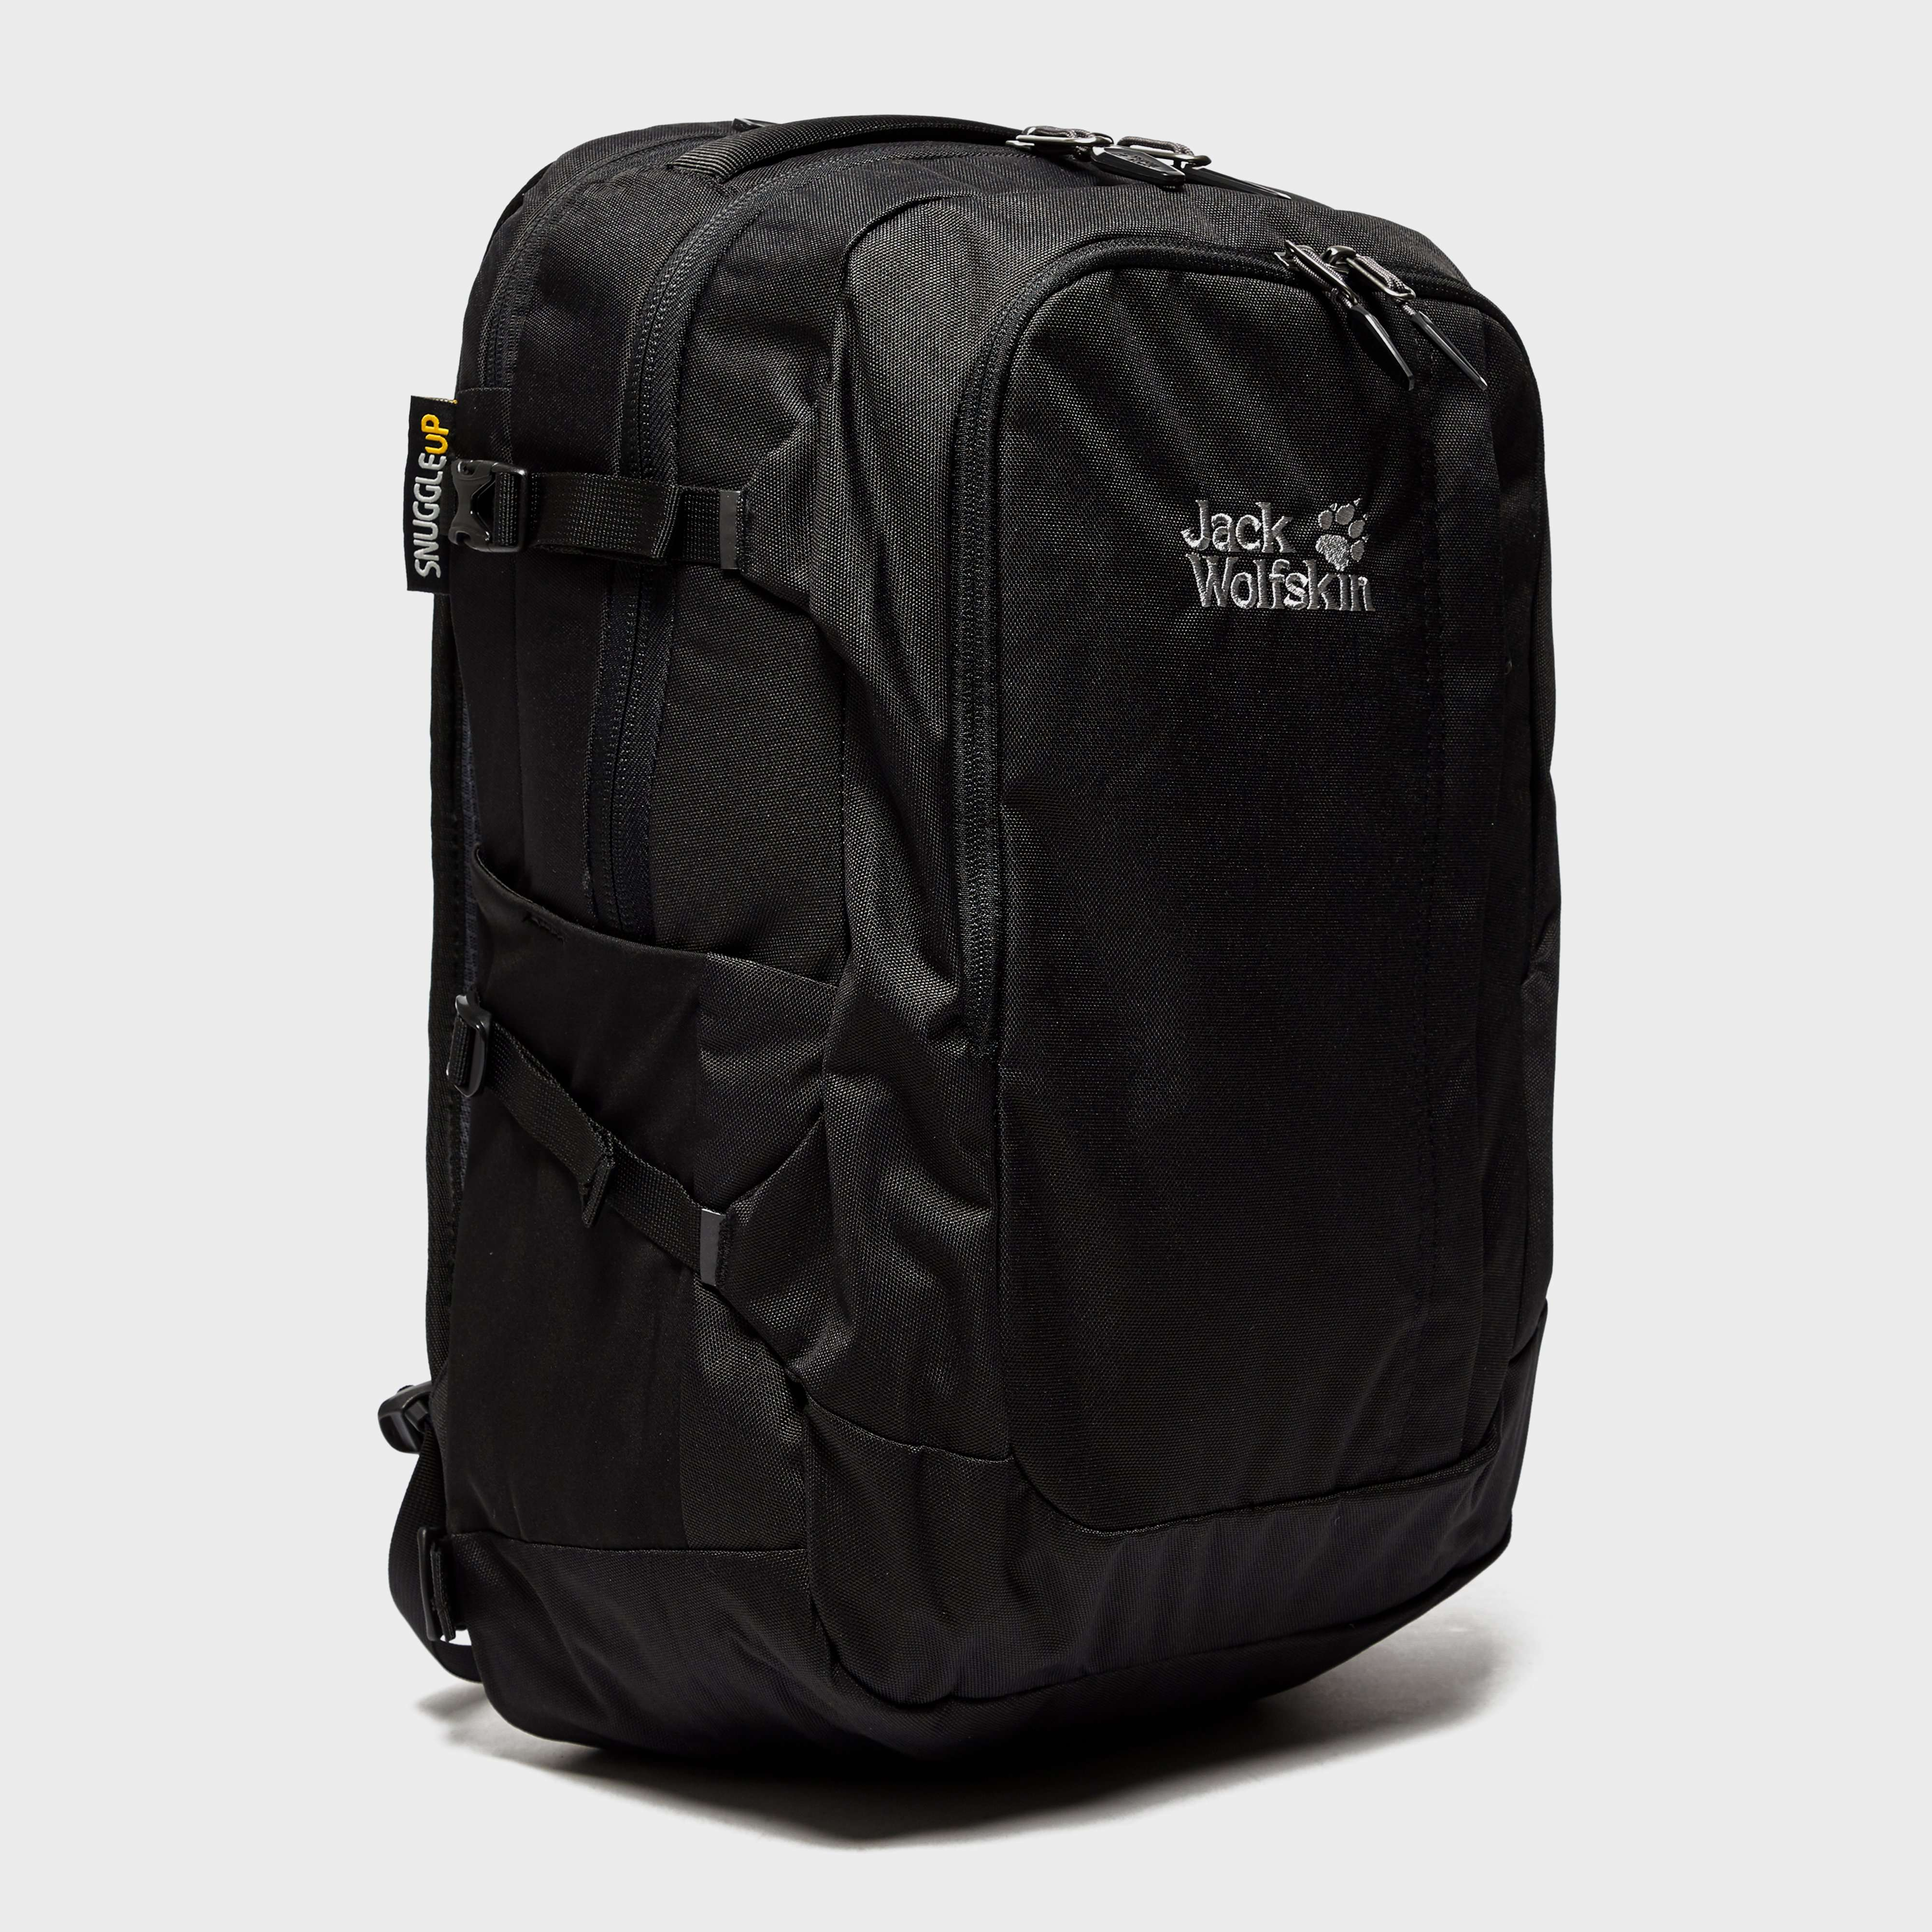 JACK WOLFSKIN Jack Pot Deluxe 32 Litre Backpack